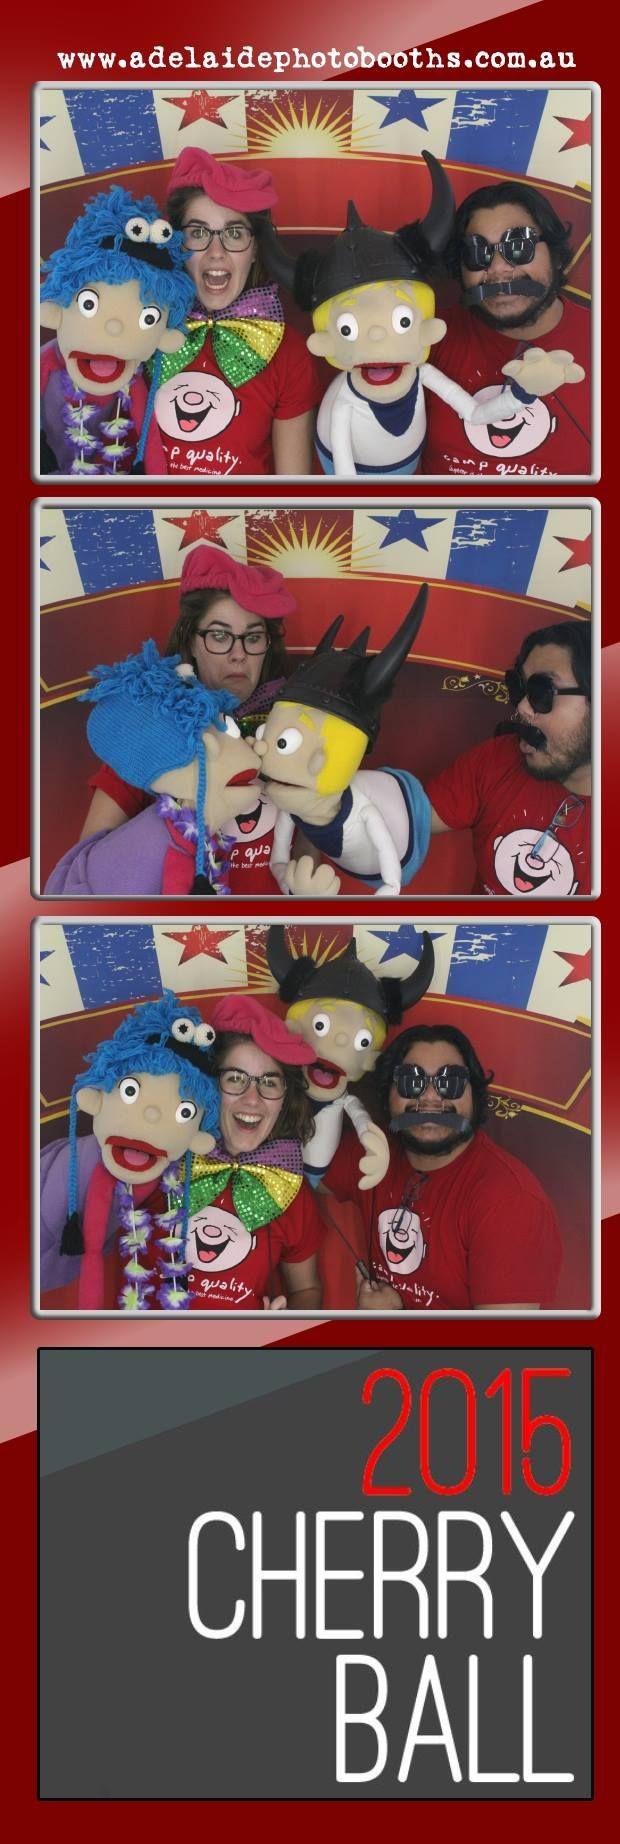 #cherryball2015 #adelaidephotobooths #photoboothsadelaide #ohsnap #somegroups